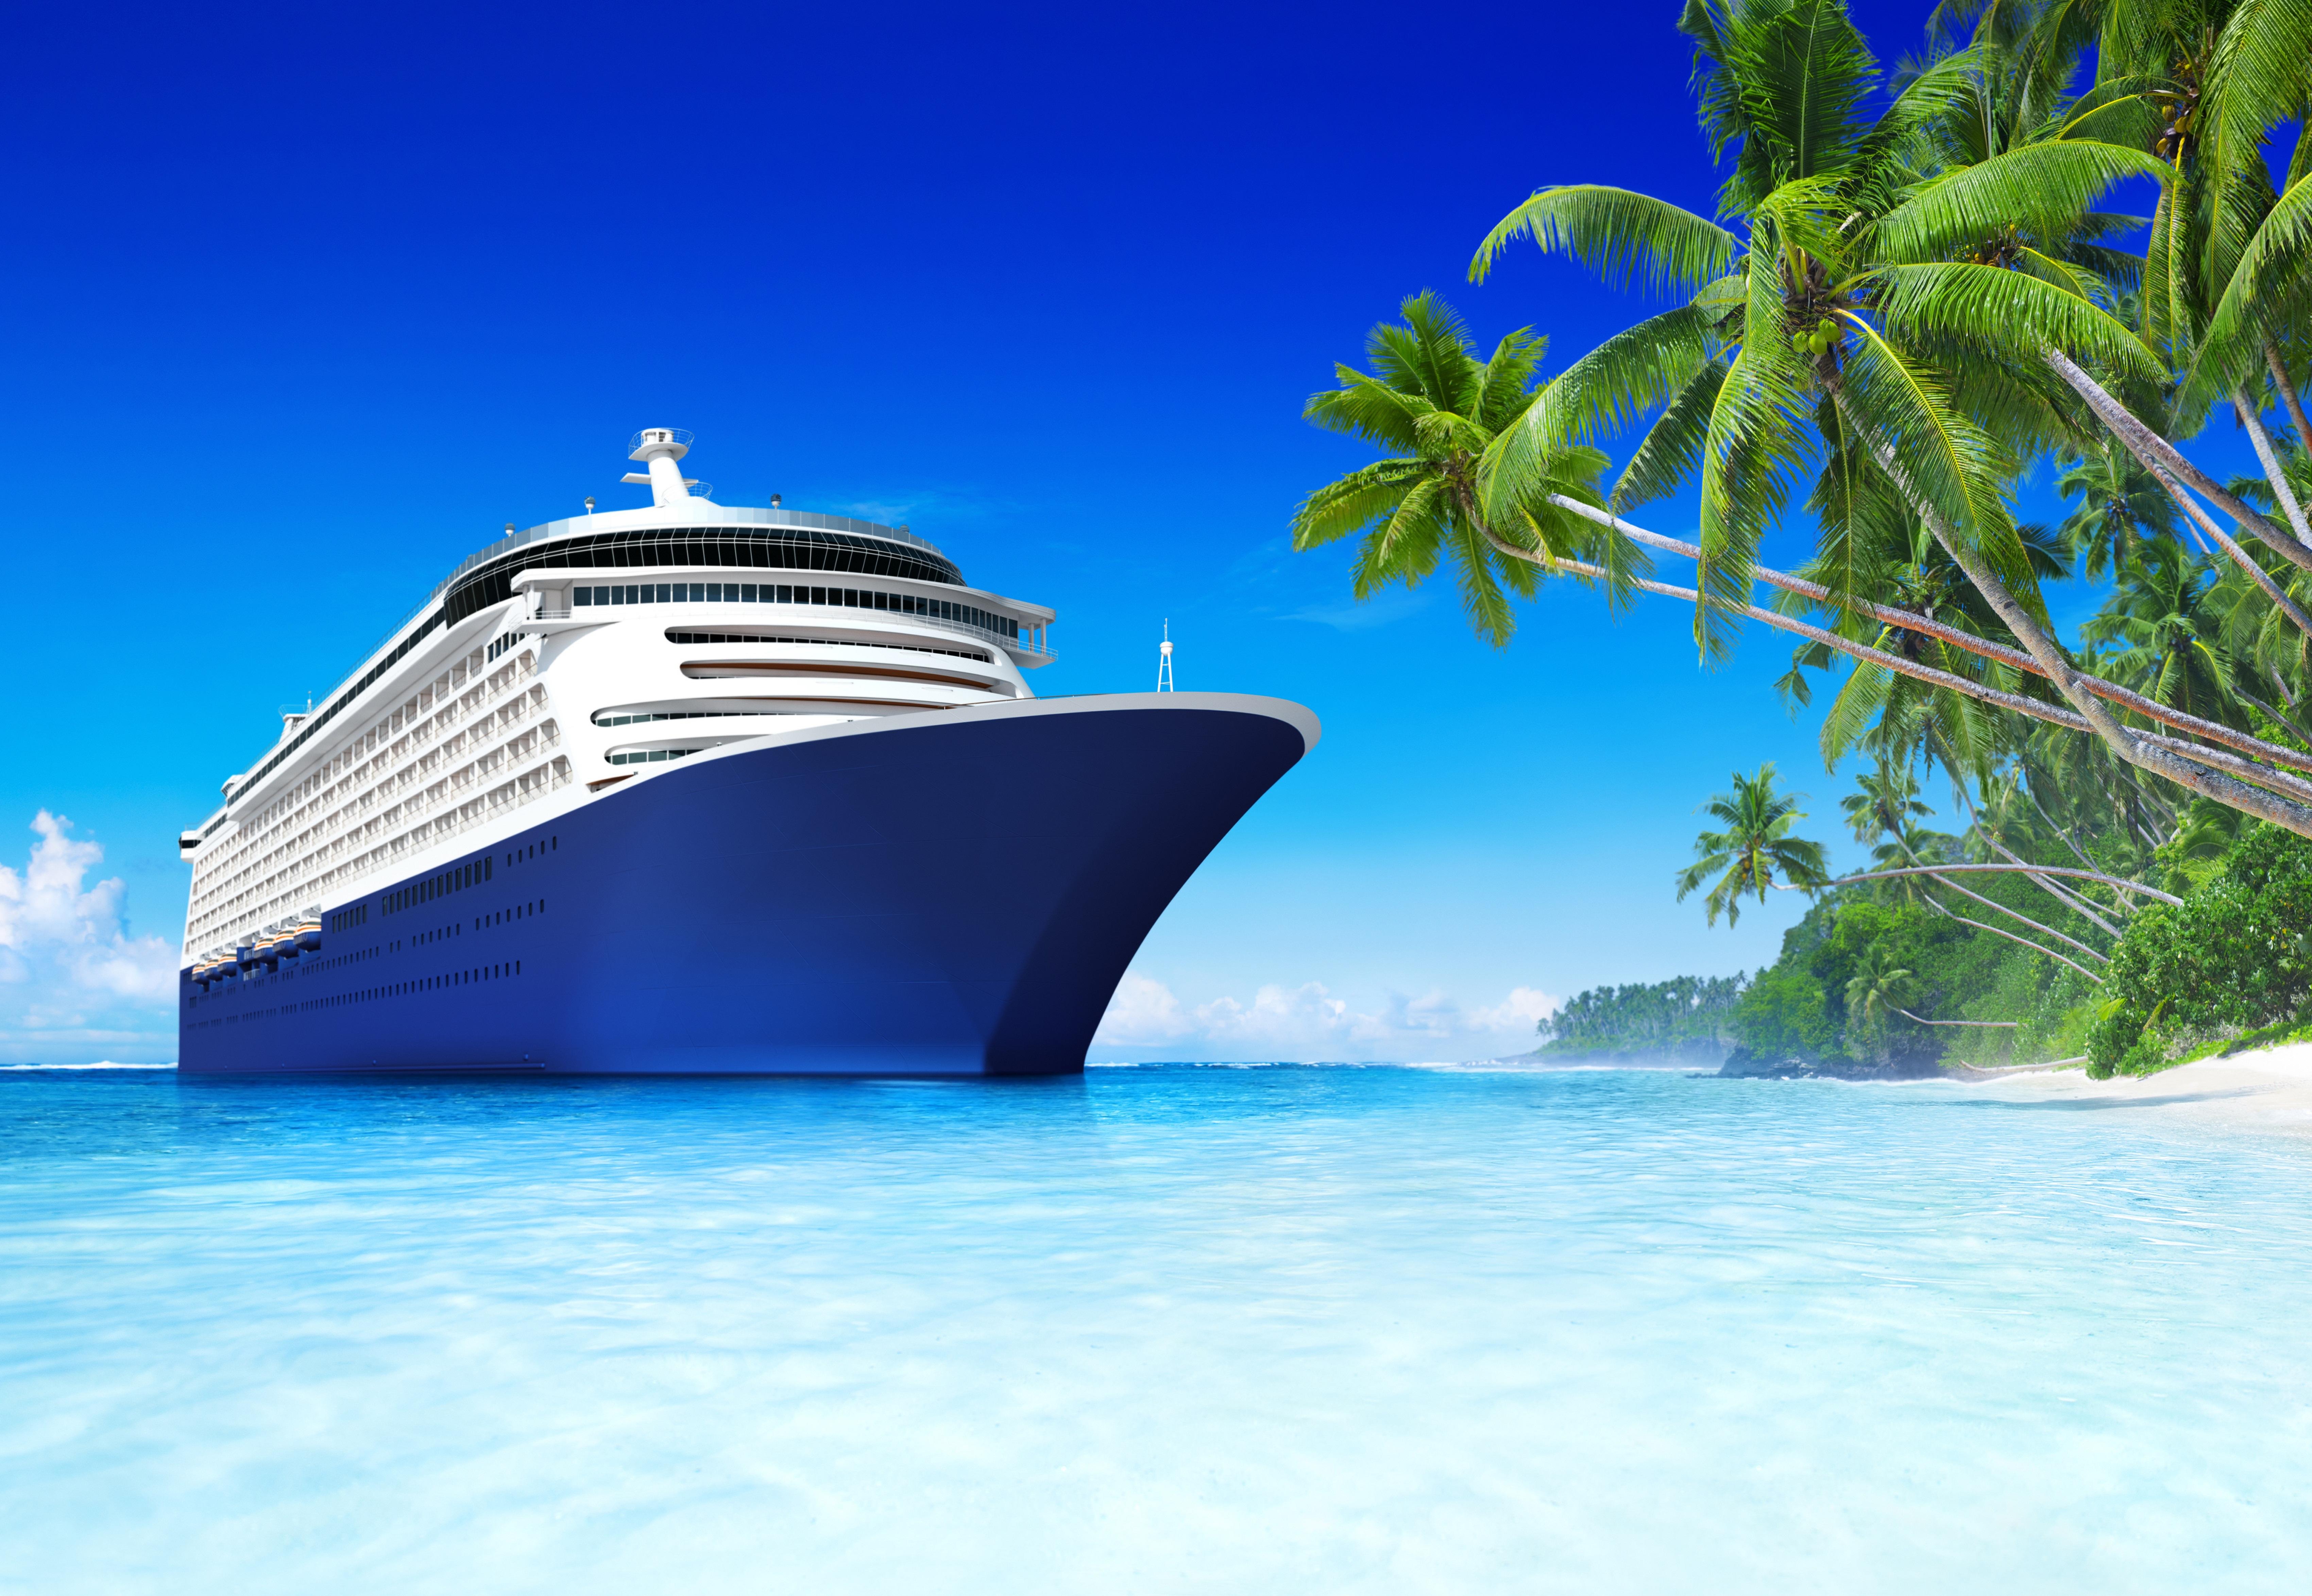 Карское море туризм чем занимаются фото